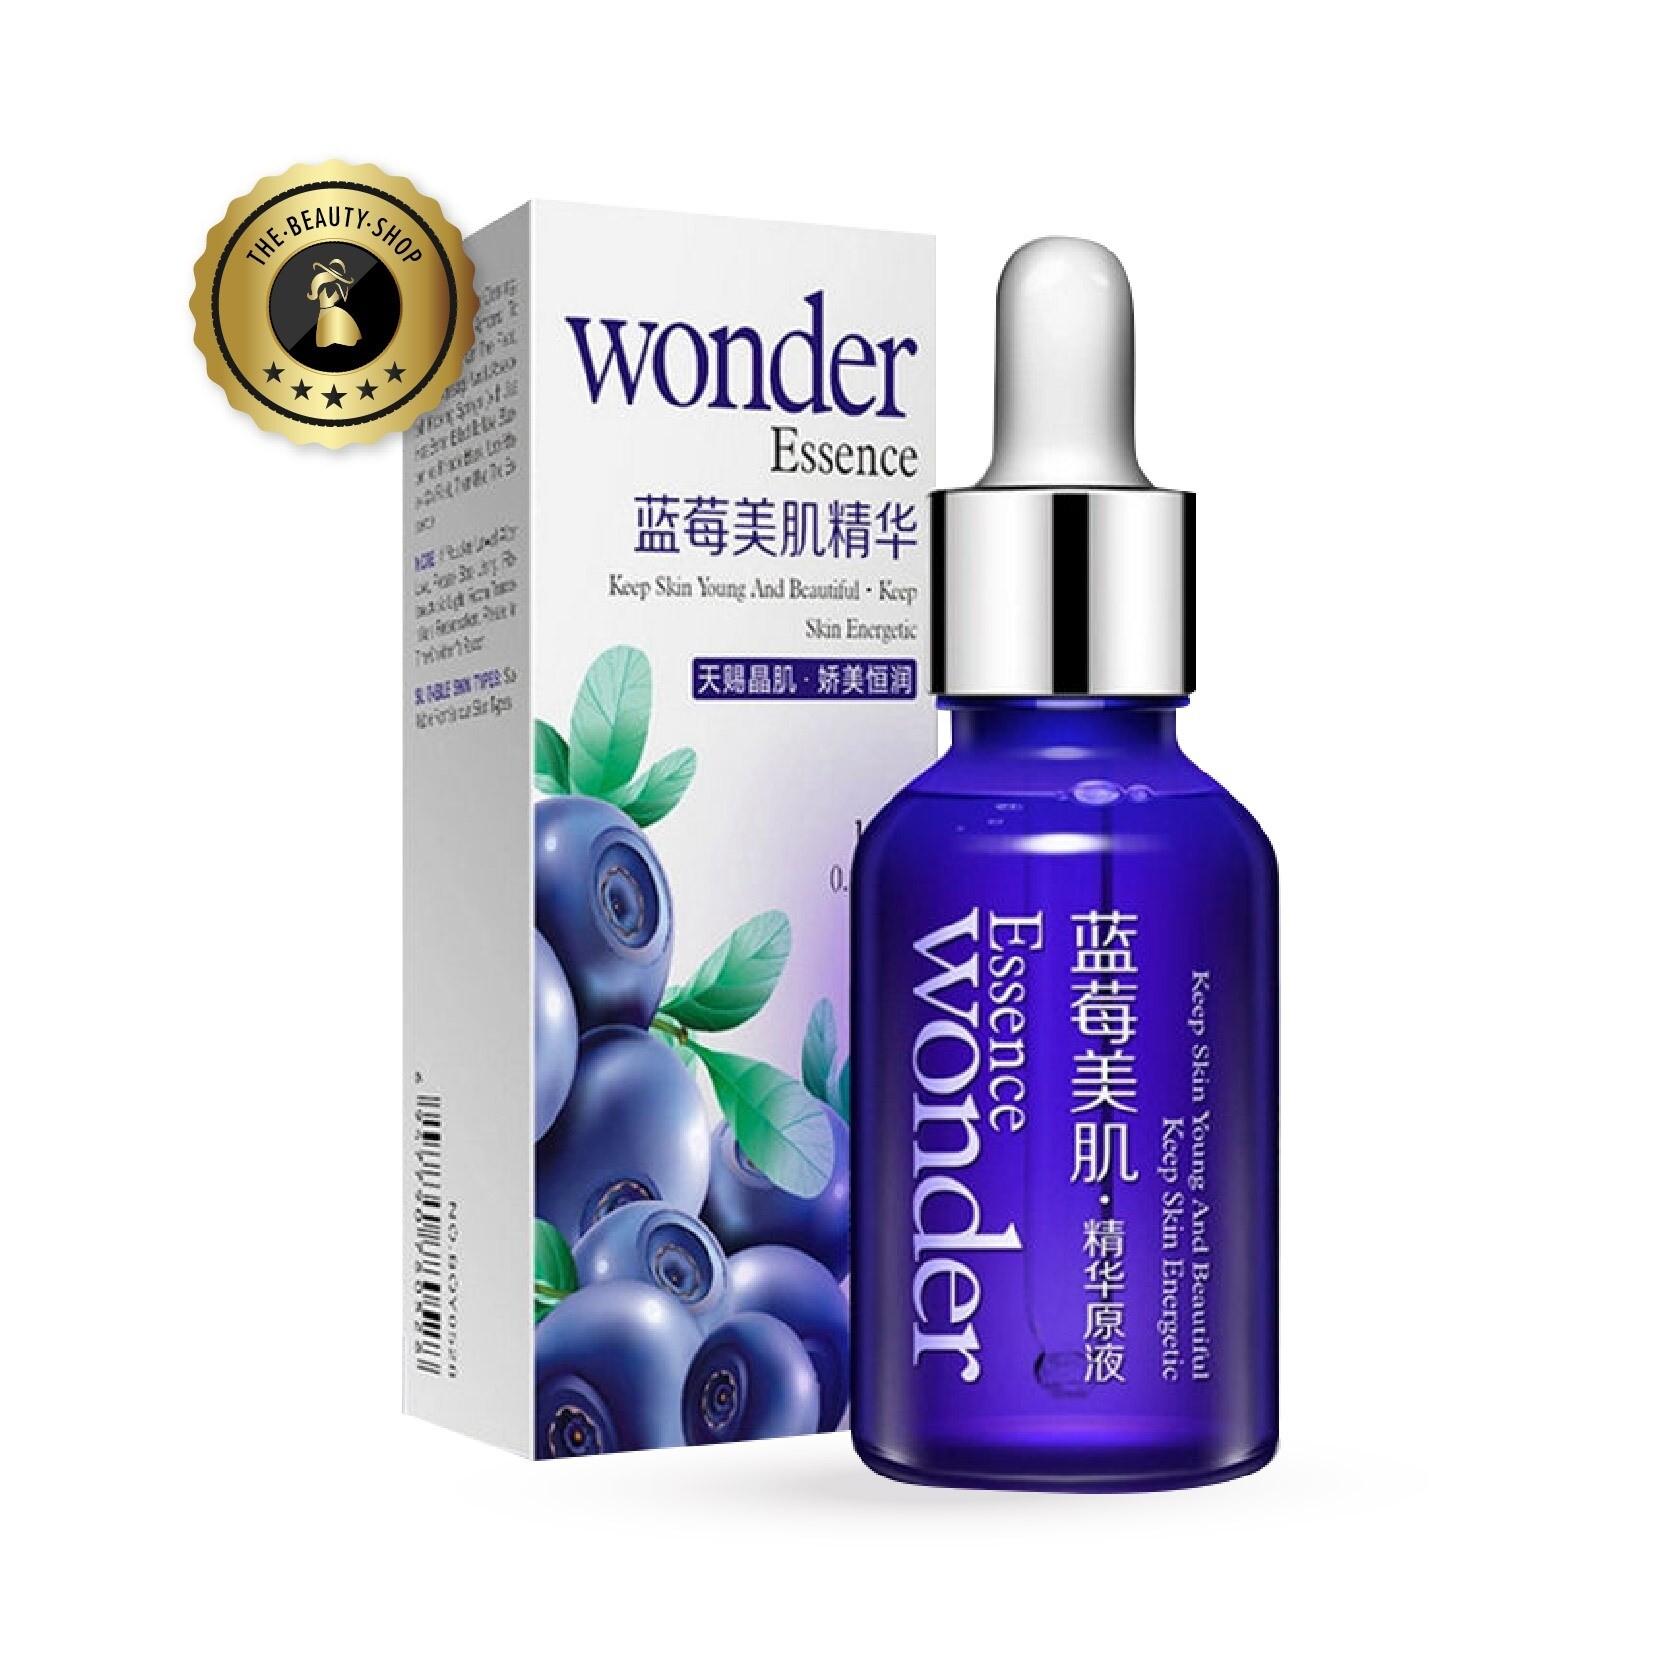 ( สินค้าขายดี / ของแท้พร้อมส่ง ) เซรั่มบลูเบอร์รี่เข้มข้น BIOAQUA Wonder Essence Serum 1 ขวด / 15 ml. รักษาฝ้า รักษาสิว ลกระชับรูขุมขน